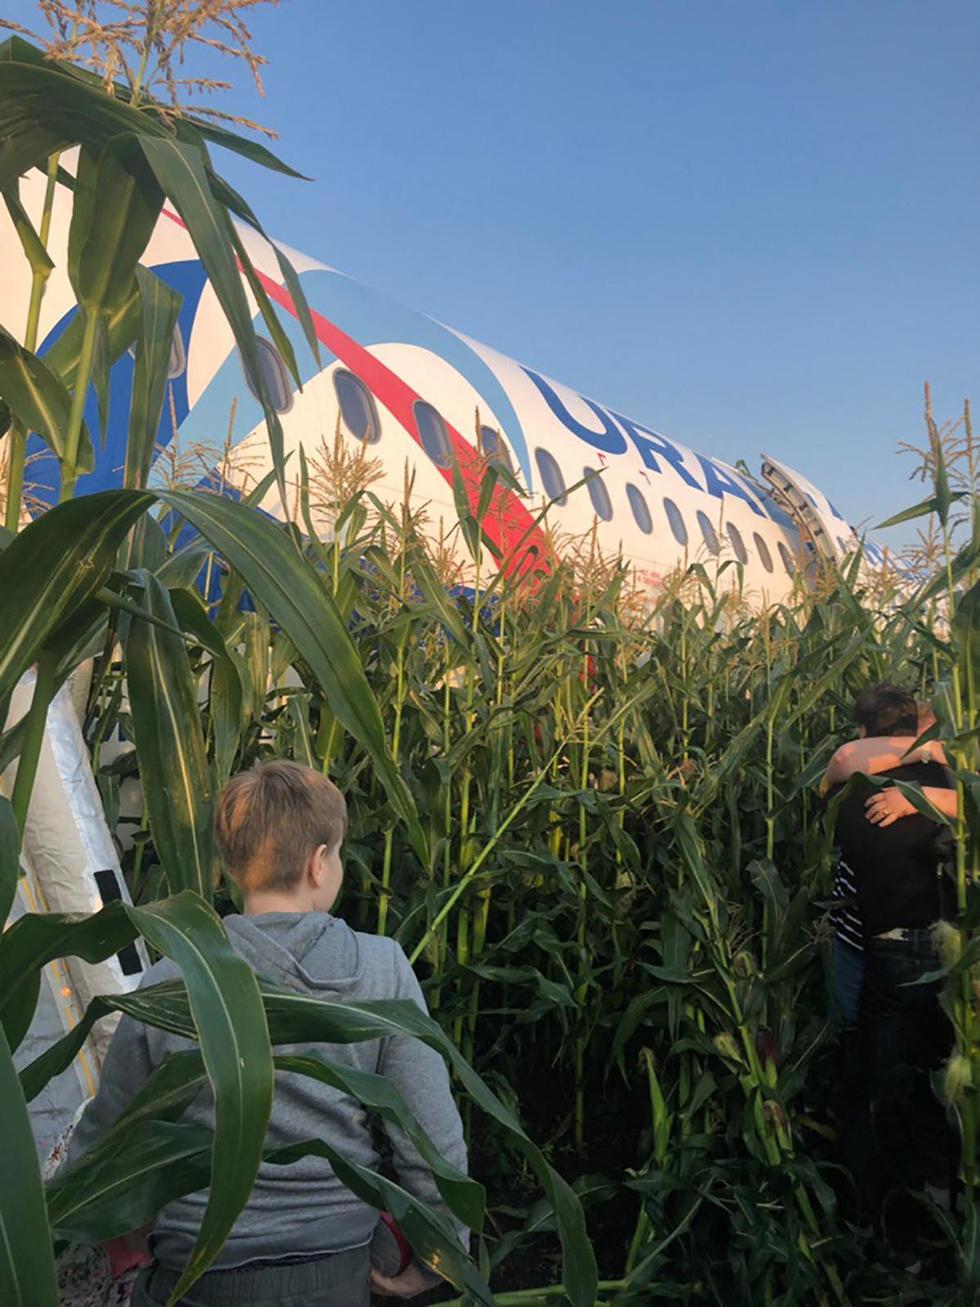 מטוס איירבוס A321 אורל איירליינס נחיתת חירום ליד מוסקבה רוסיה (צילום: mct)